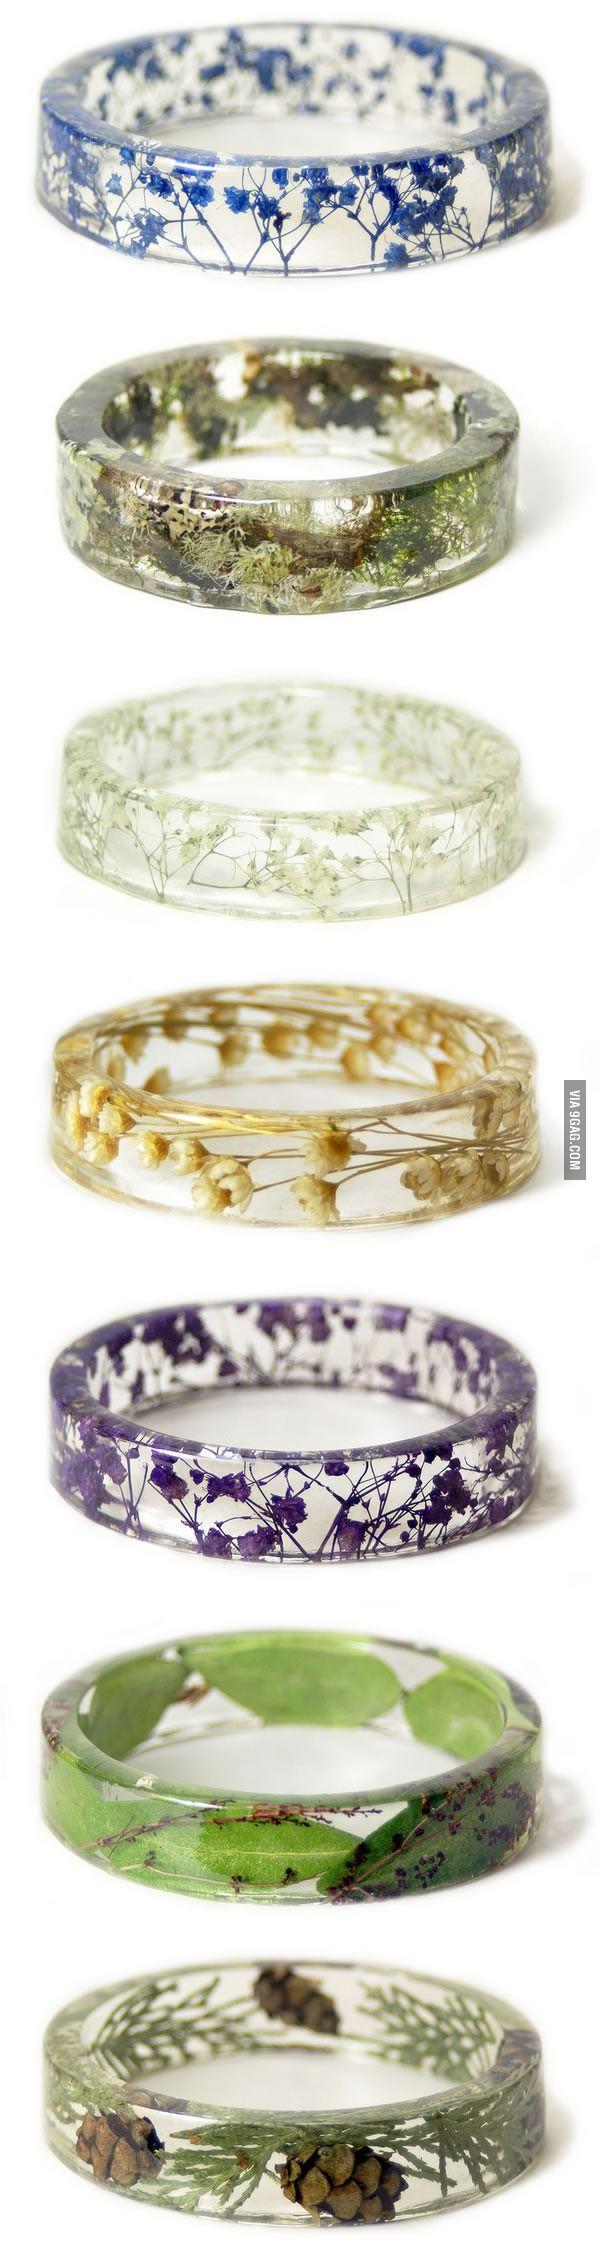 Nature rings